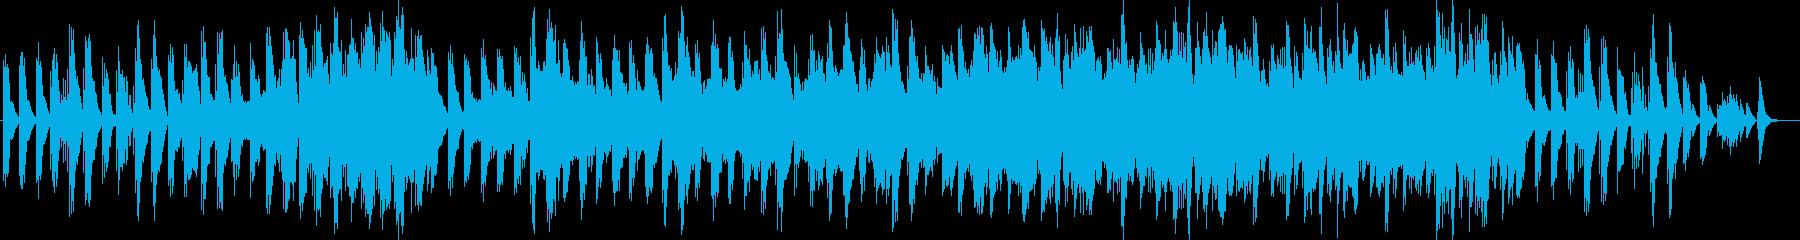 ハープによる癒しのメロディーの再生済みの波形